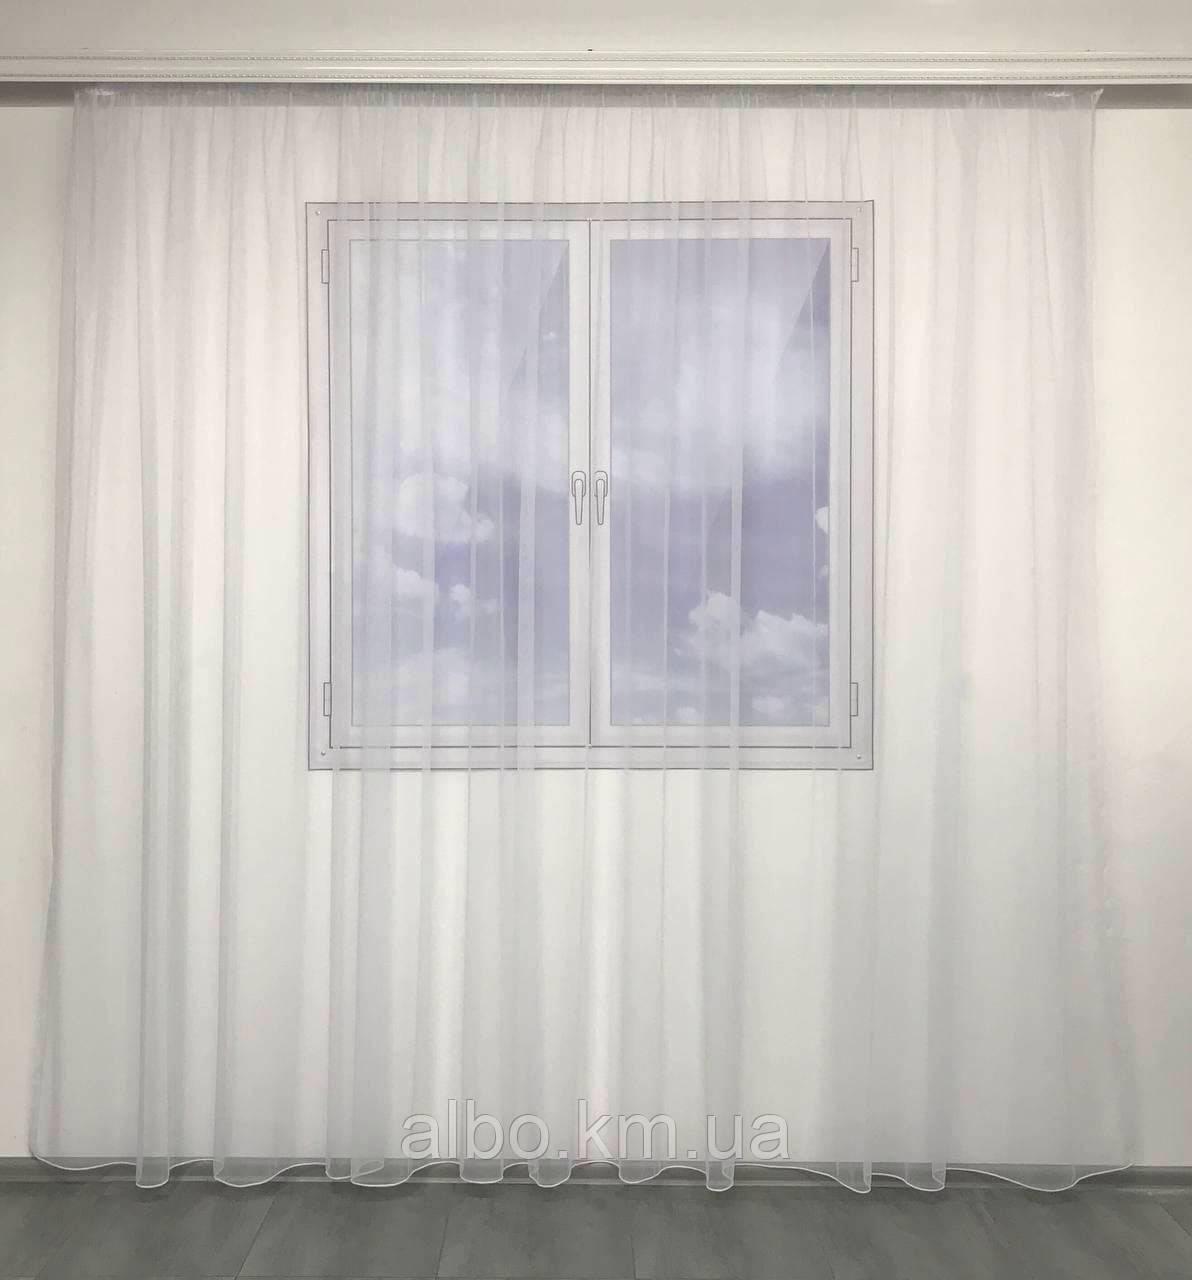 Тюль для вікна на кухню балкон, тюль в вітальню спальню квартиру, тюль в спальню кімнату дитячу з турецького фатину ALBO 500x270